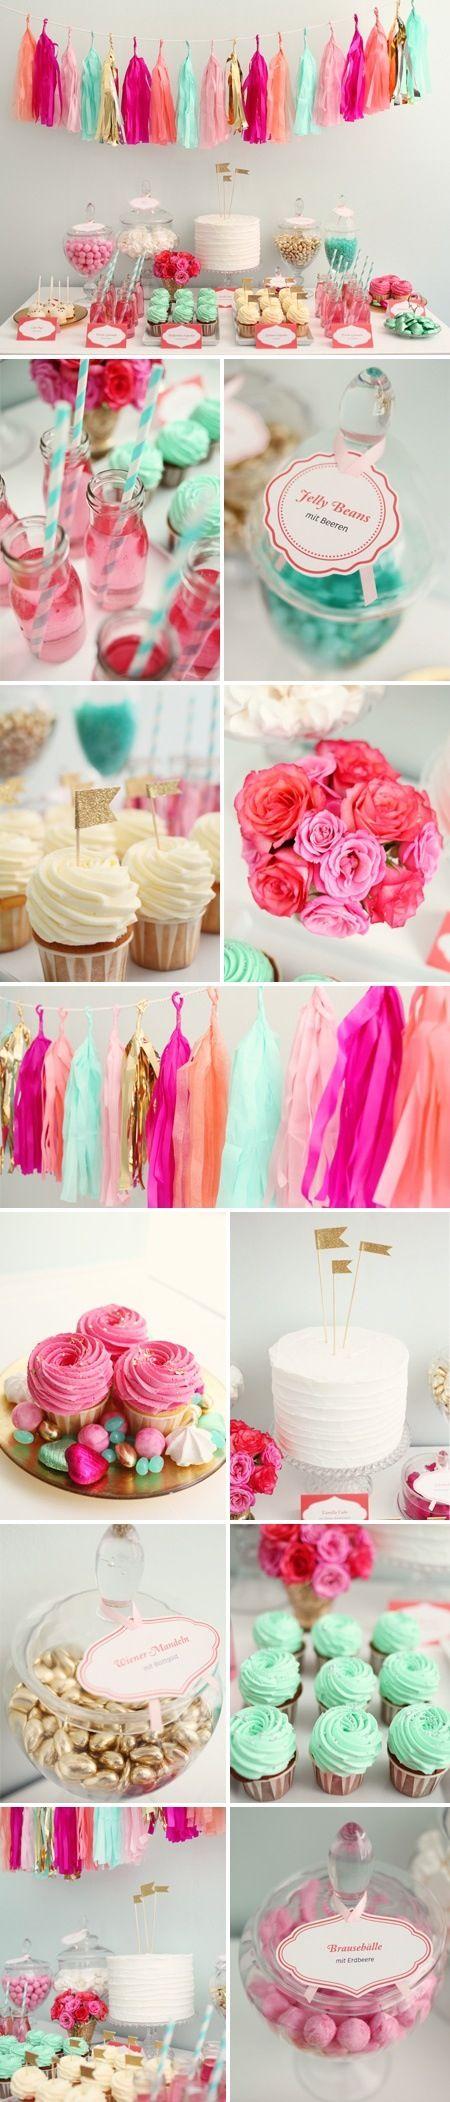 Gorgeous party decorations